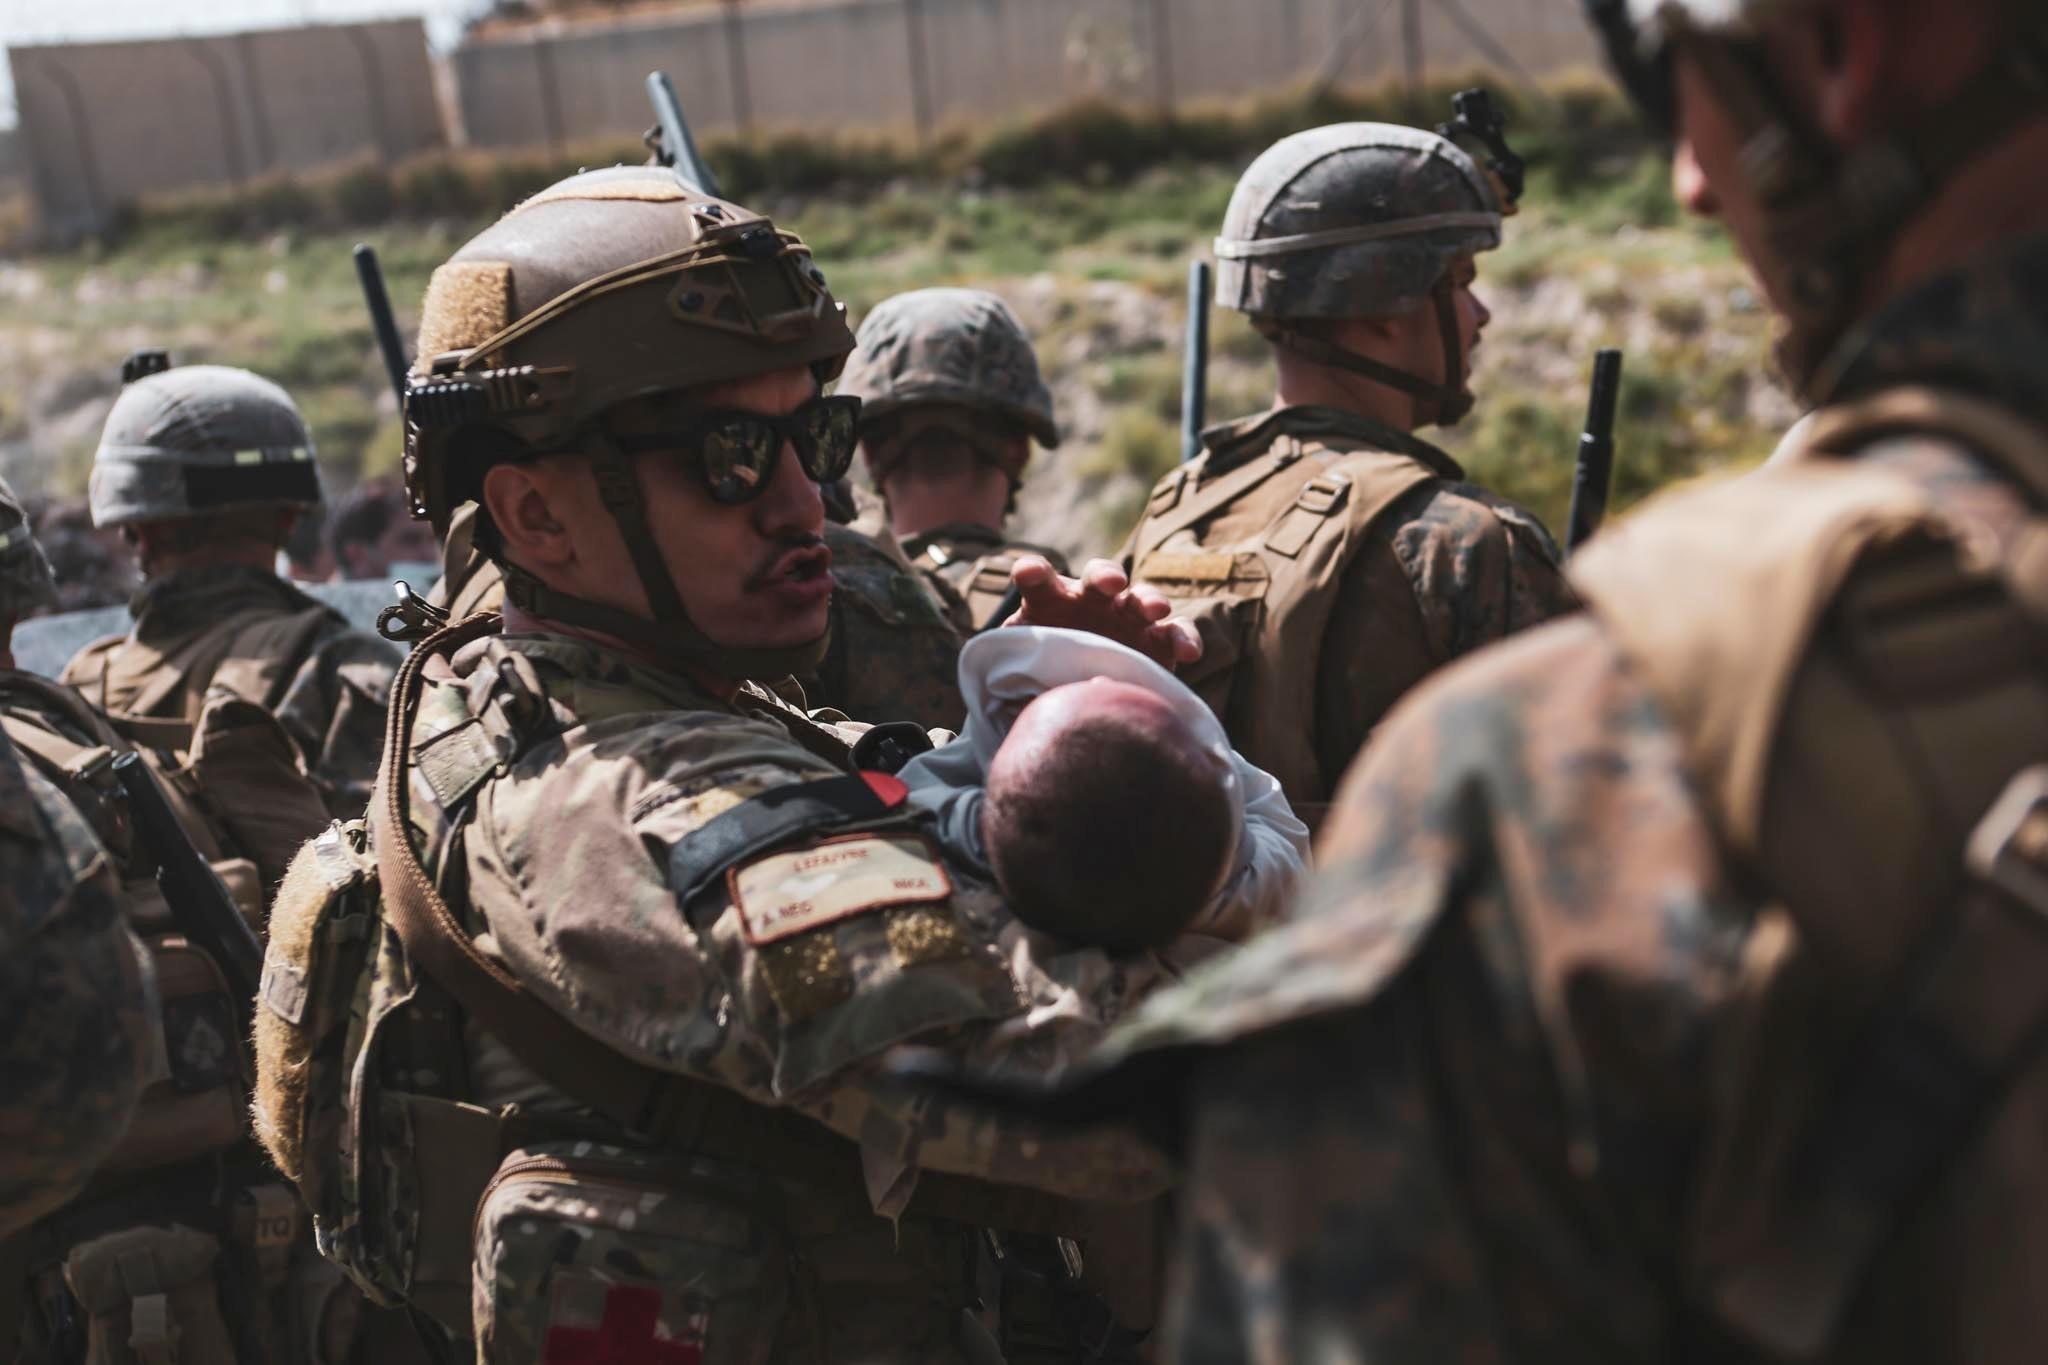 Αφγανιστάν: Θρίλερ με την παράταση της εκκένωσης – Με απειλές απαντούν οι Ταλιμπάν